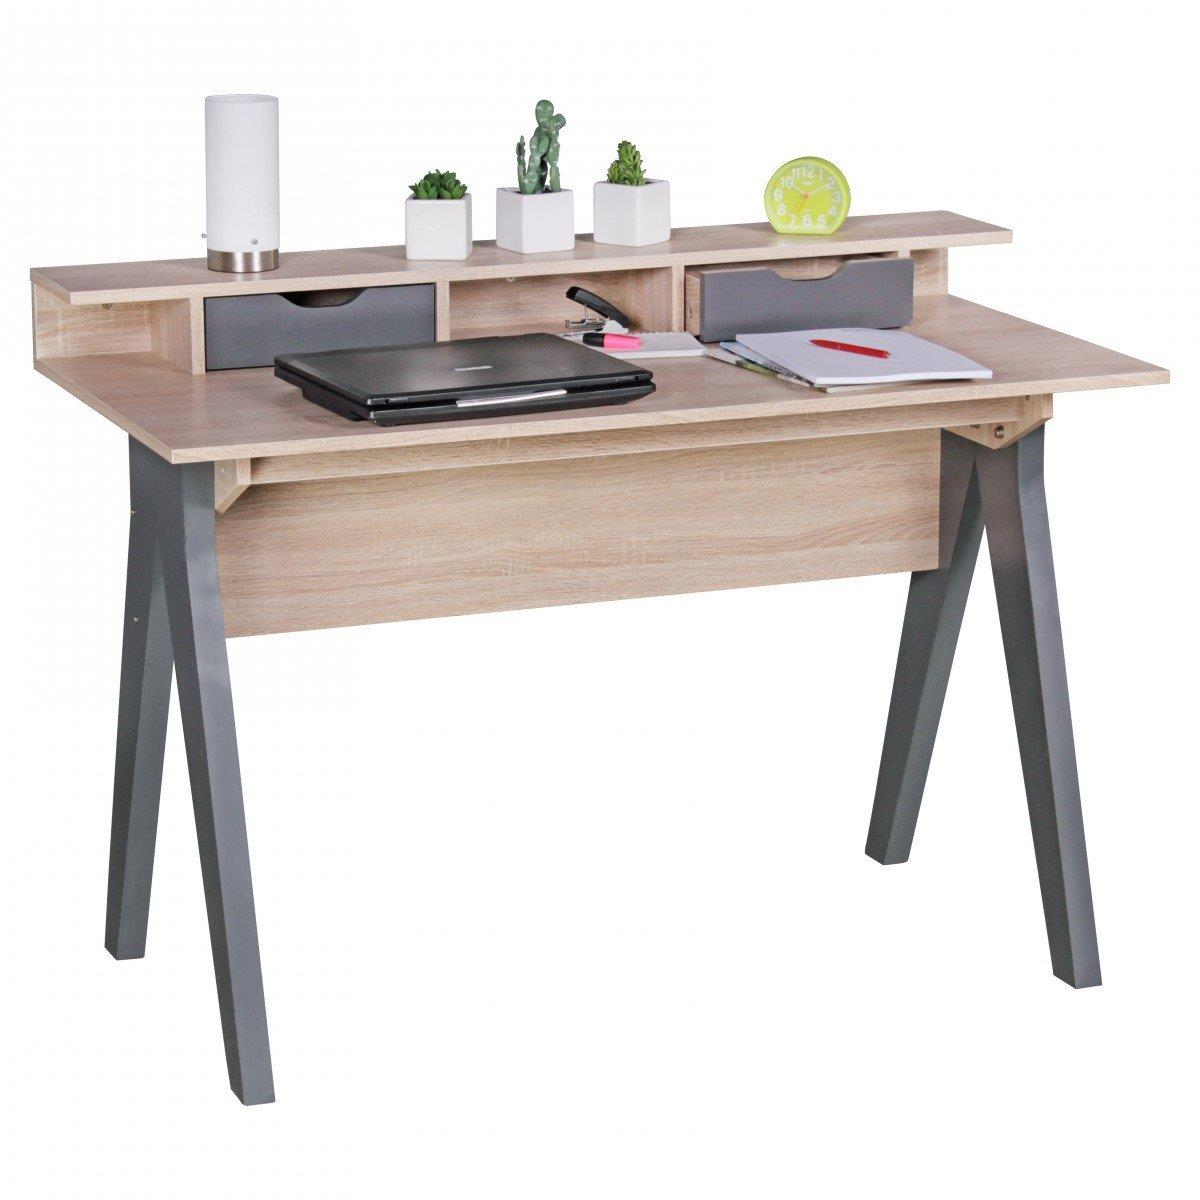 Mesa de ordenador mila superficie en madera 120x59x86 cm mesa de ordenador mila dise o - Mesas de ordenador ...